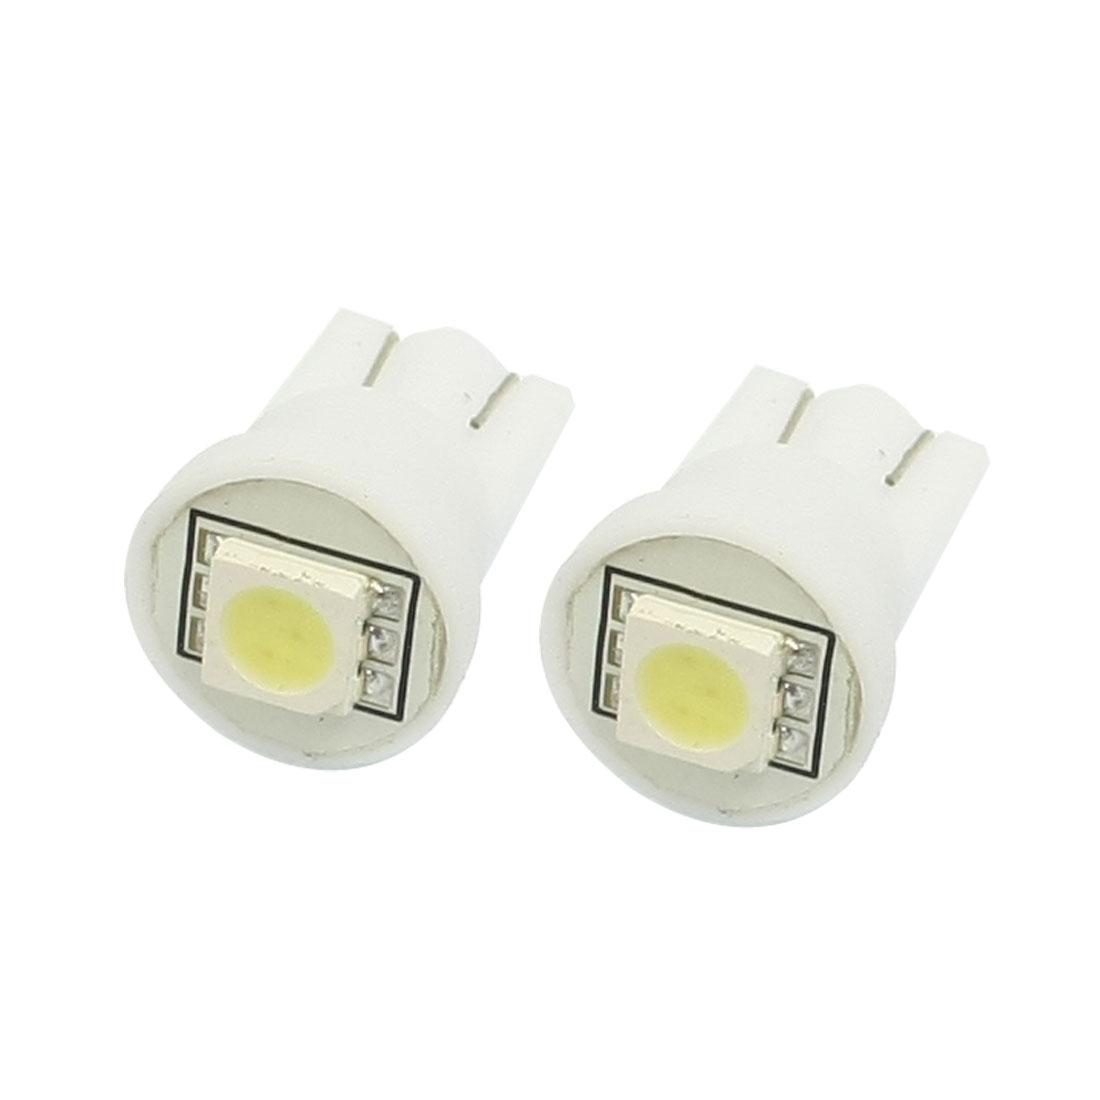 2 Pcs Car Auto Interior White T10 W5W 5050 SMD LED Light Bulb Lamp